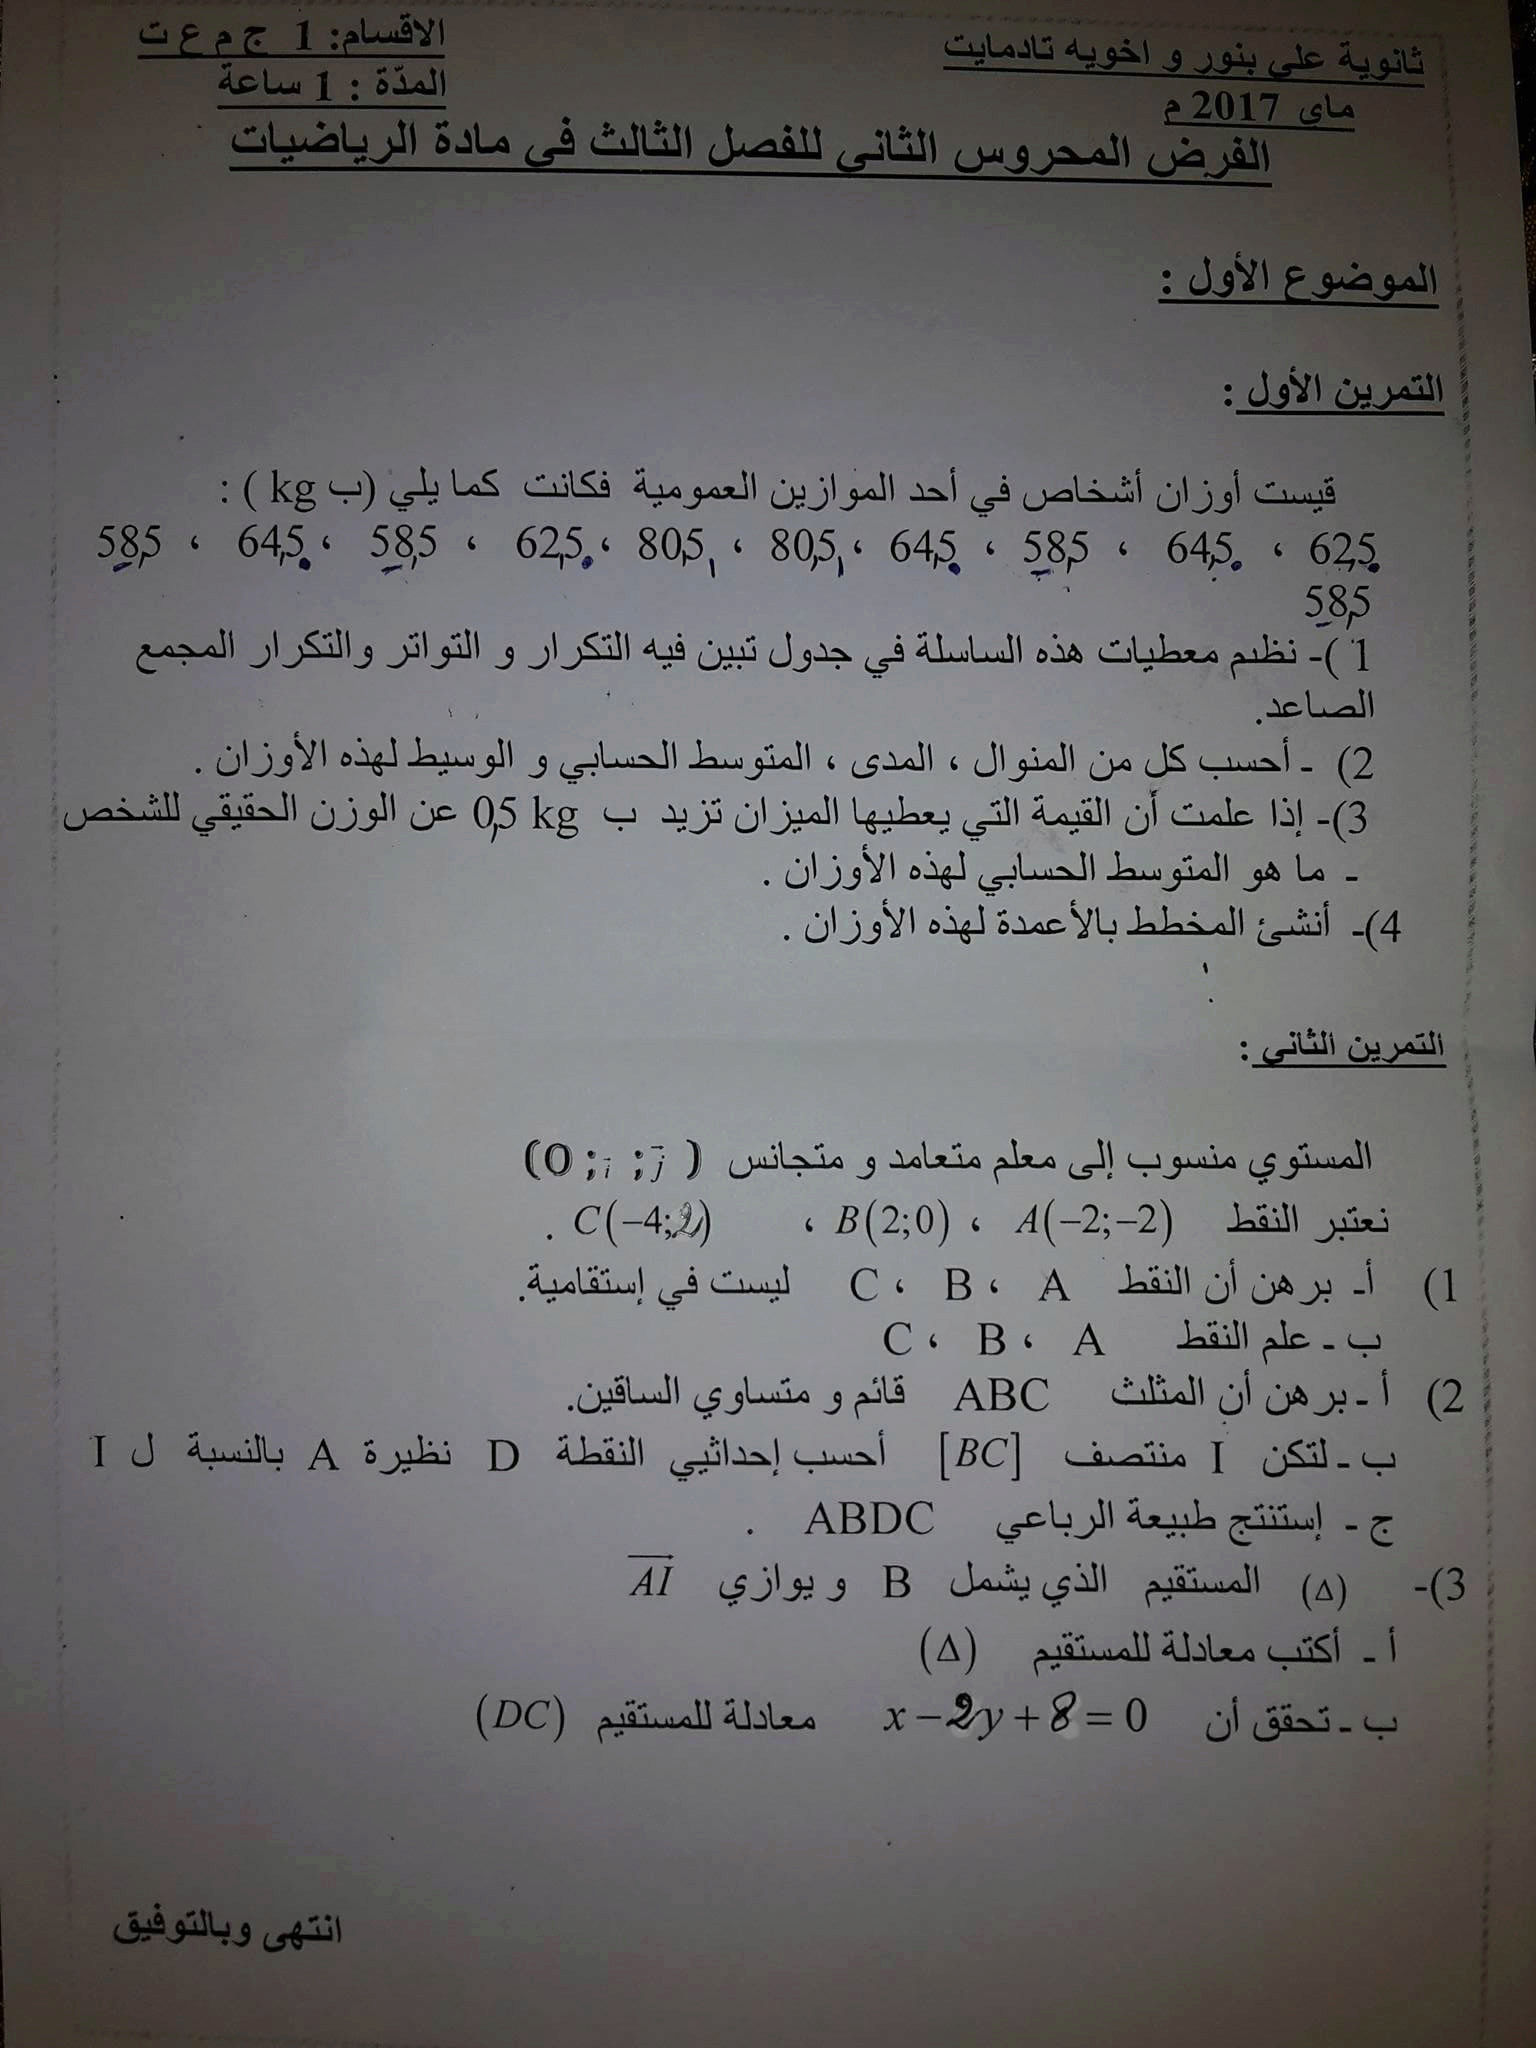 الفرض الثاني للفصل الثالث في الرياضيات للسنة الاولى ثانوي علوم Aaaaa10